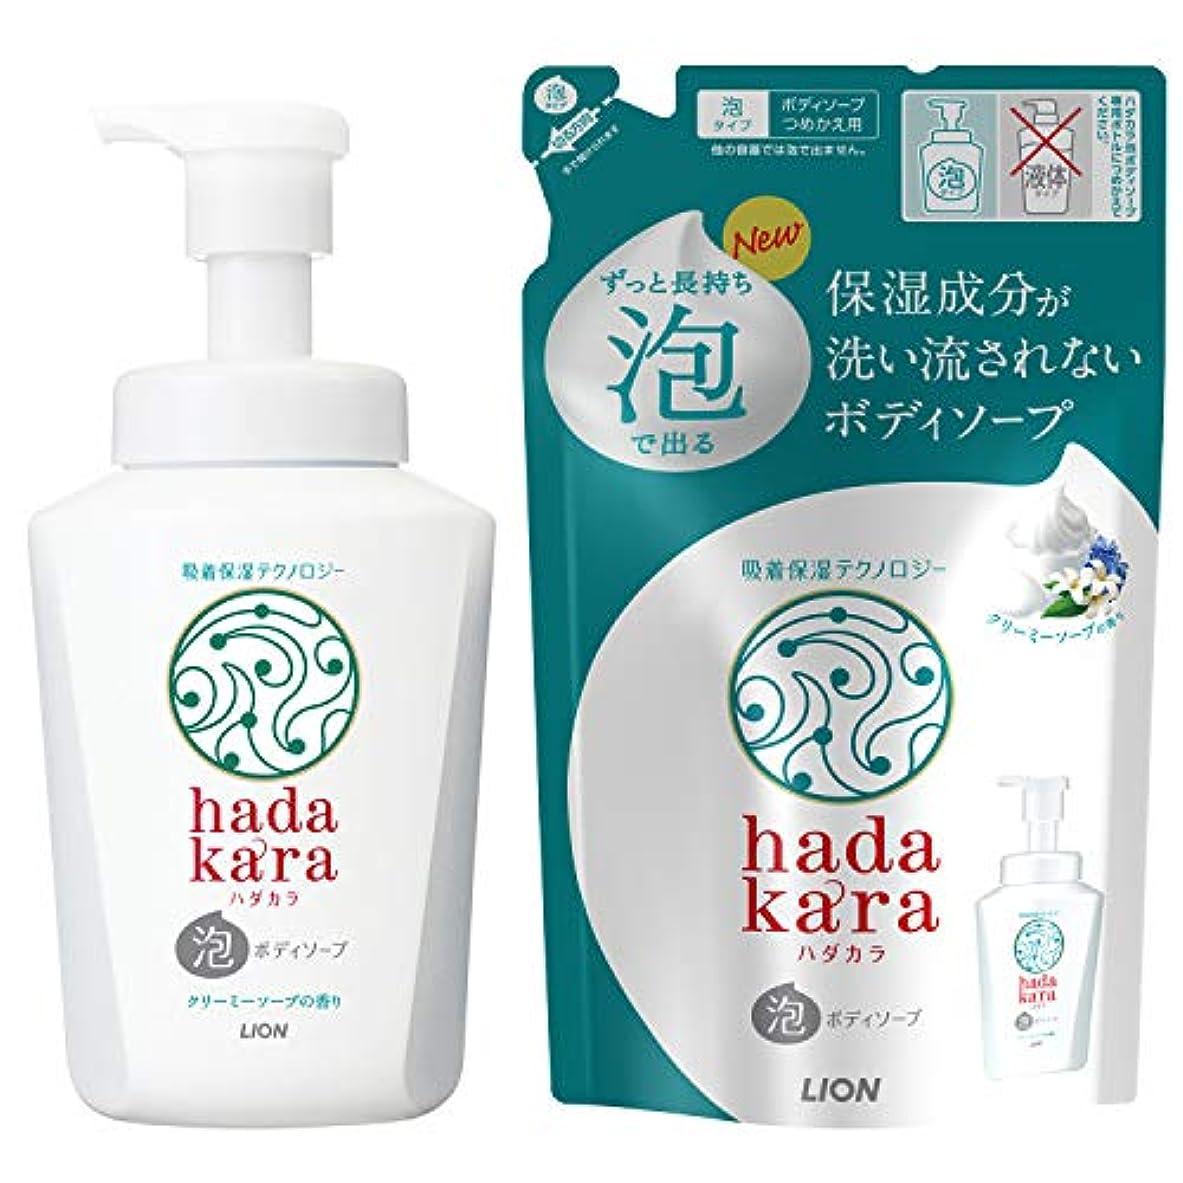 チーフ中に博覧会hadakara(ハダカラ) ボディソープ 泡タイプ クリーミーソープの香り 本体550ml+詰替440ml 1